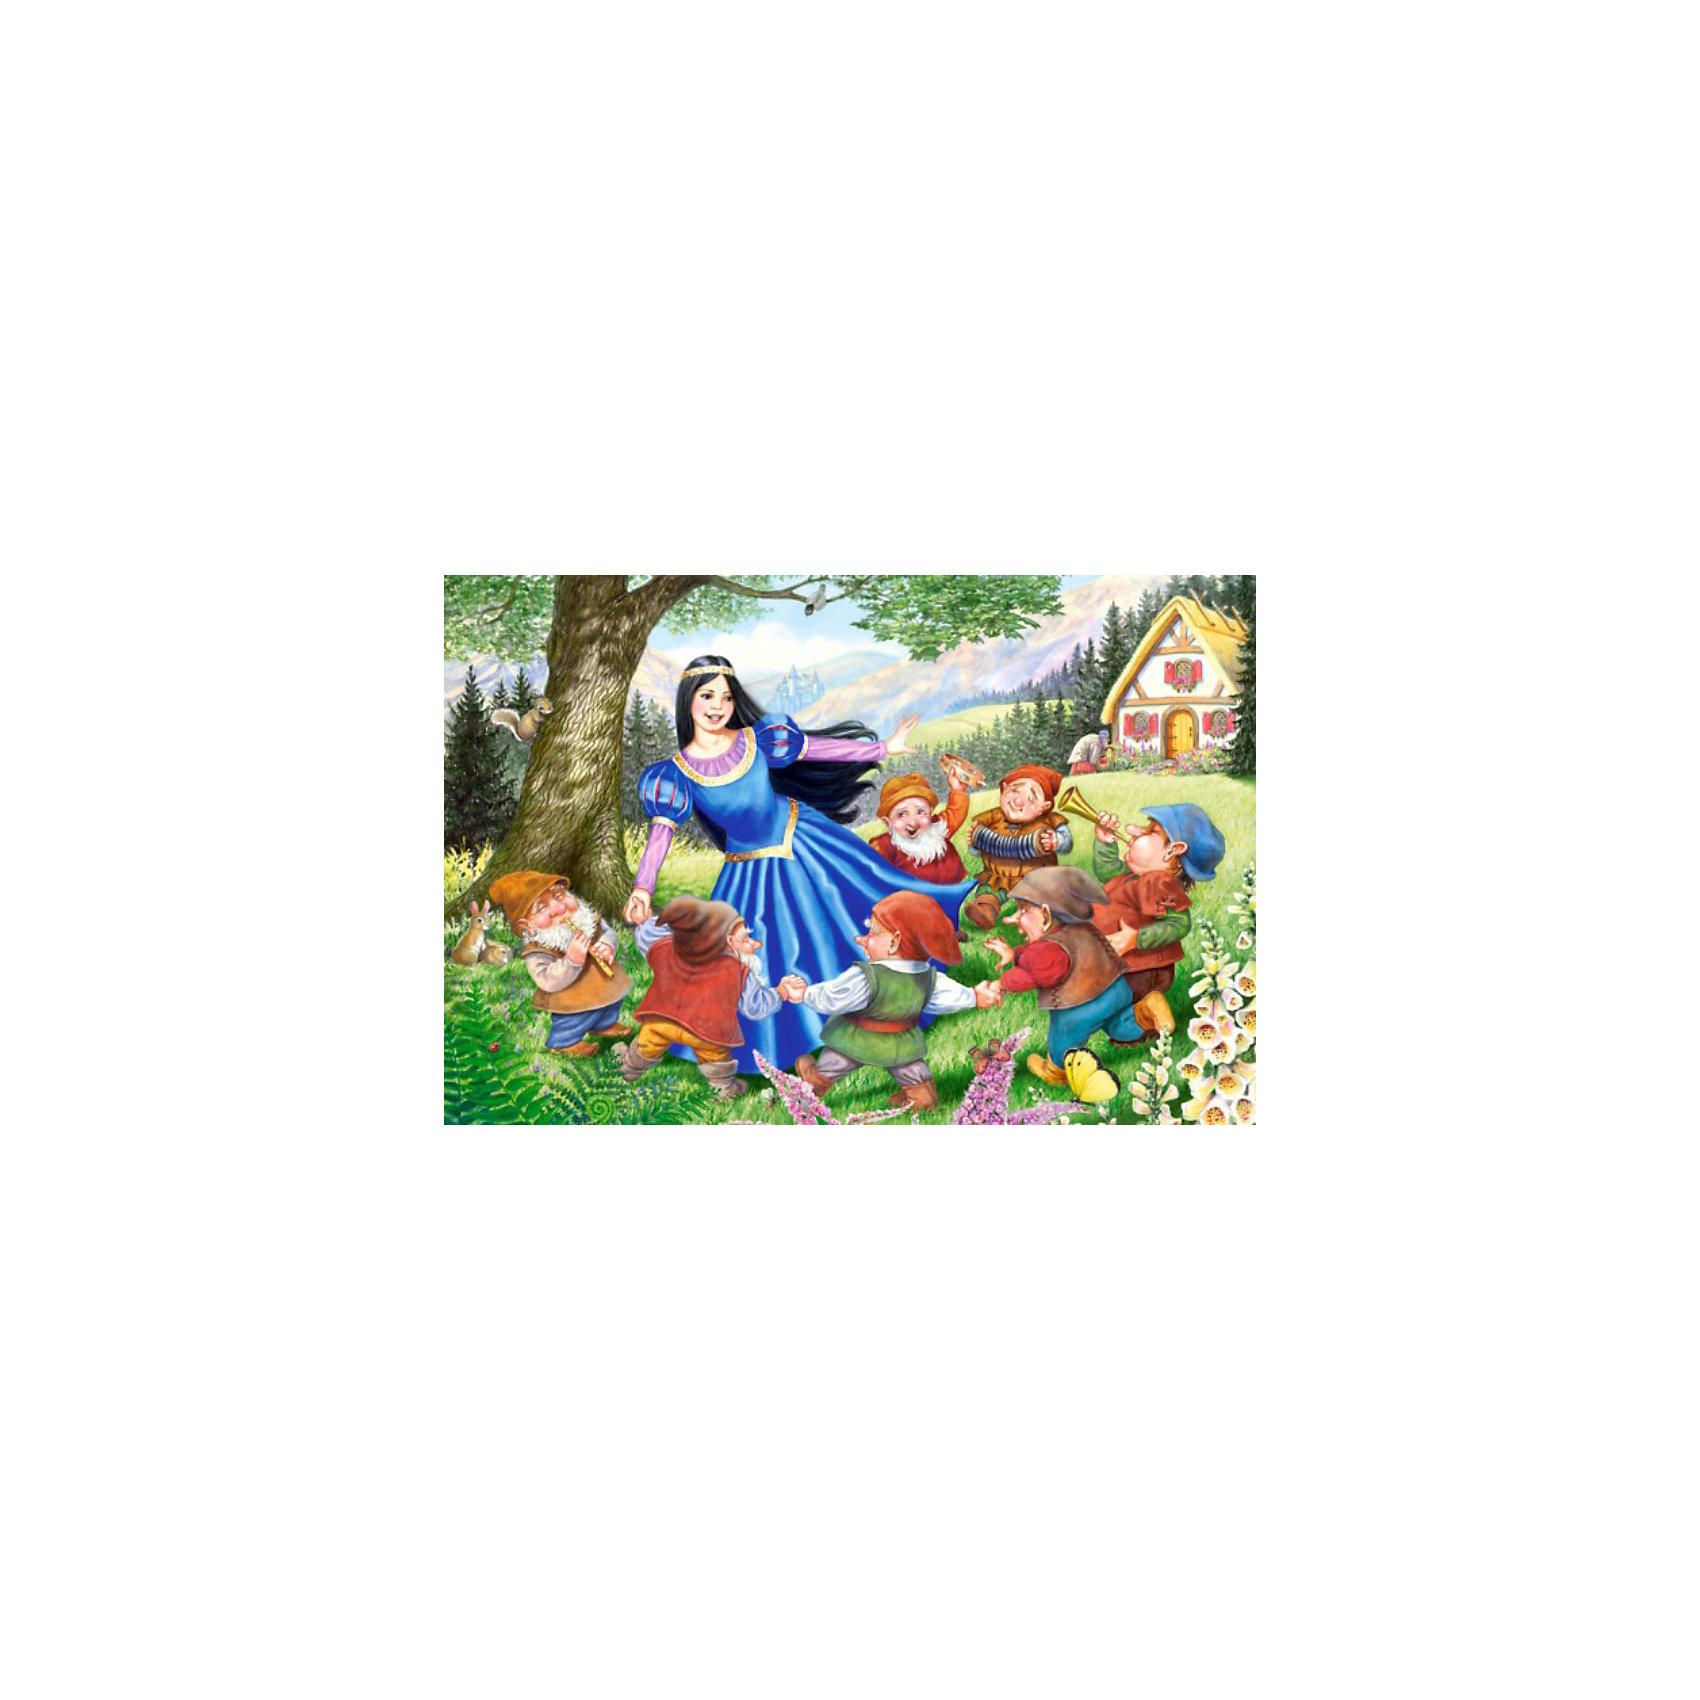 Castorland Пазлы Maxi Белоснежка и 7 гномов, 40 деталей, Castorland кукольные домики chicco домик белоснежка и 7 гномов